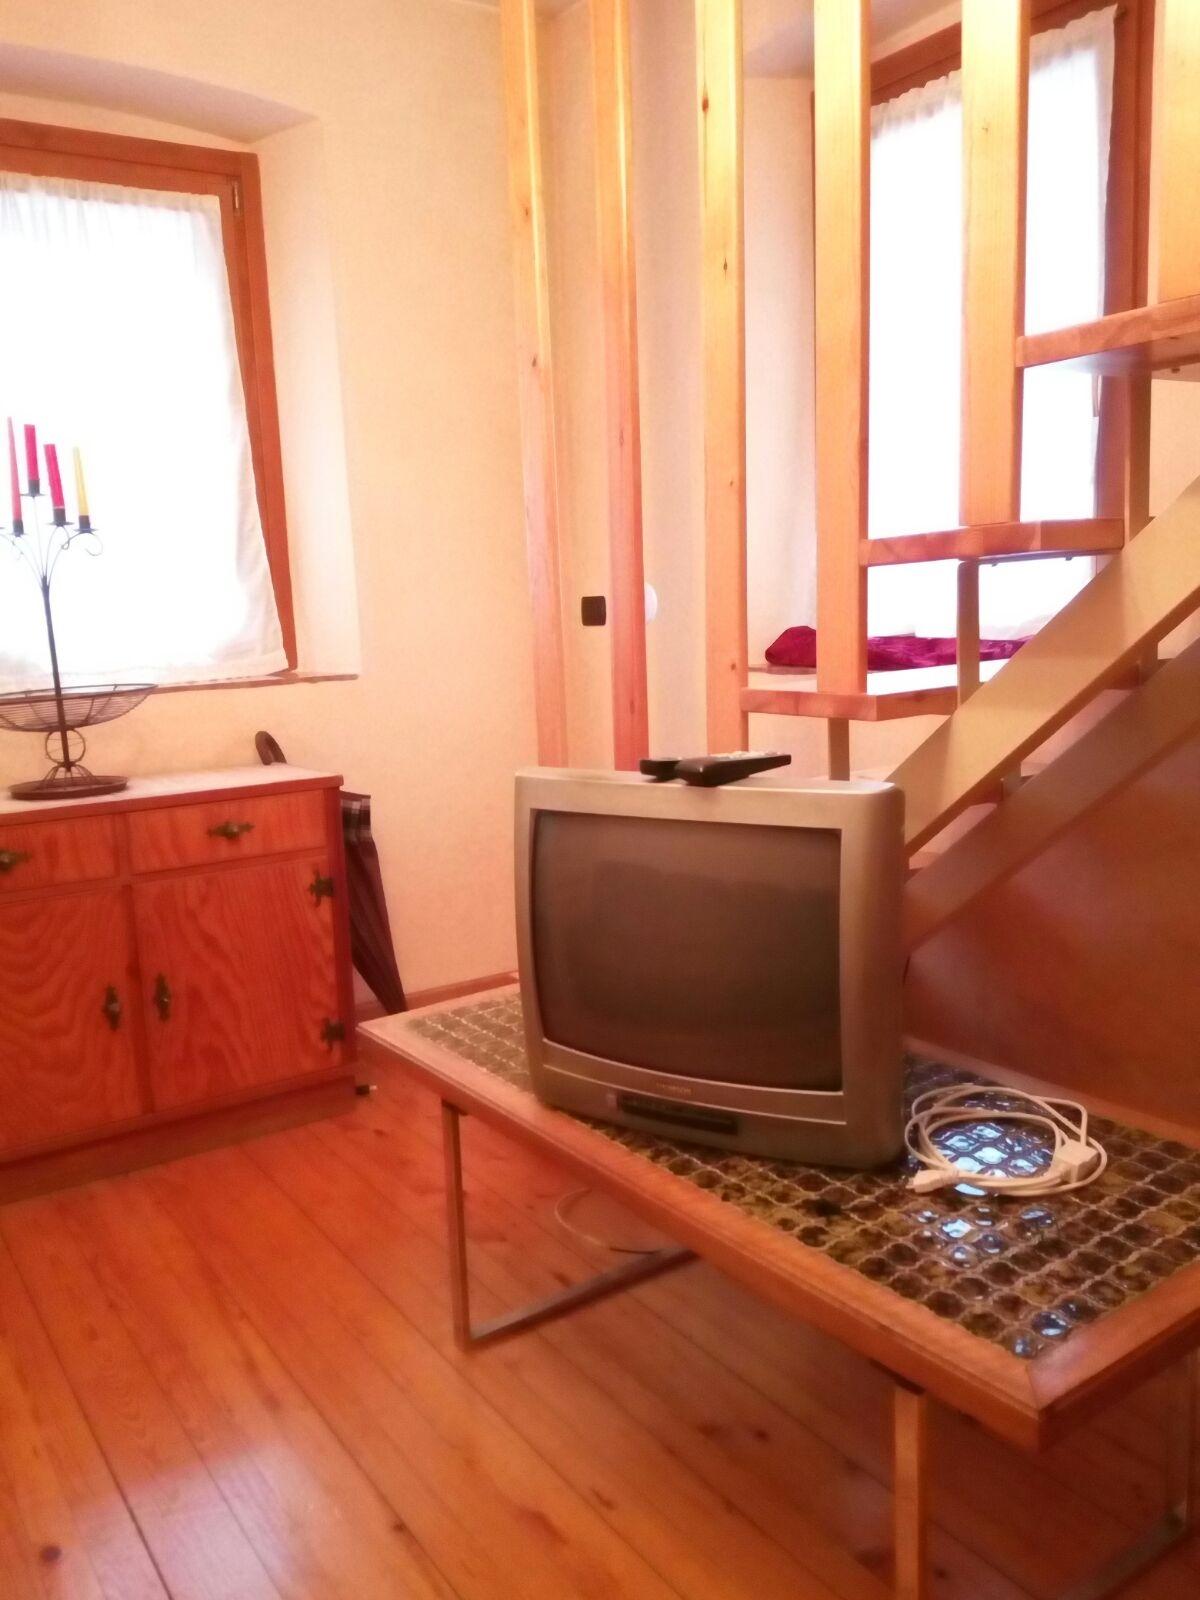 Appartamento in vendita a Valle di Cadore, 4 locali, prezzo € 78.000 | CambioCasa.it